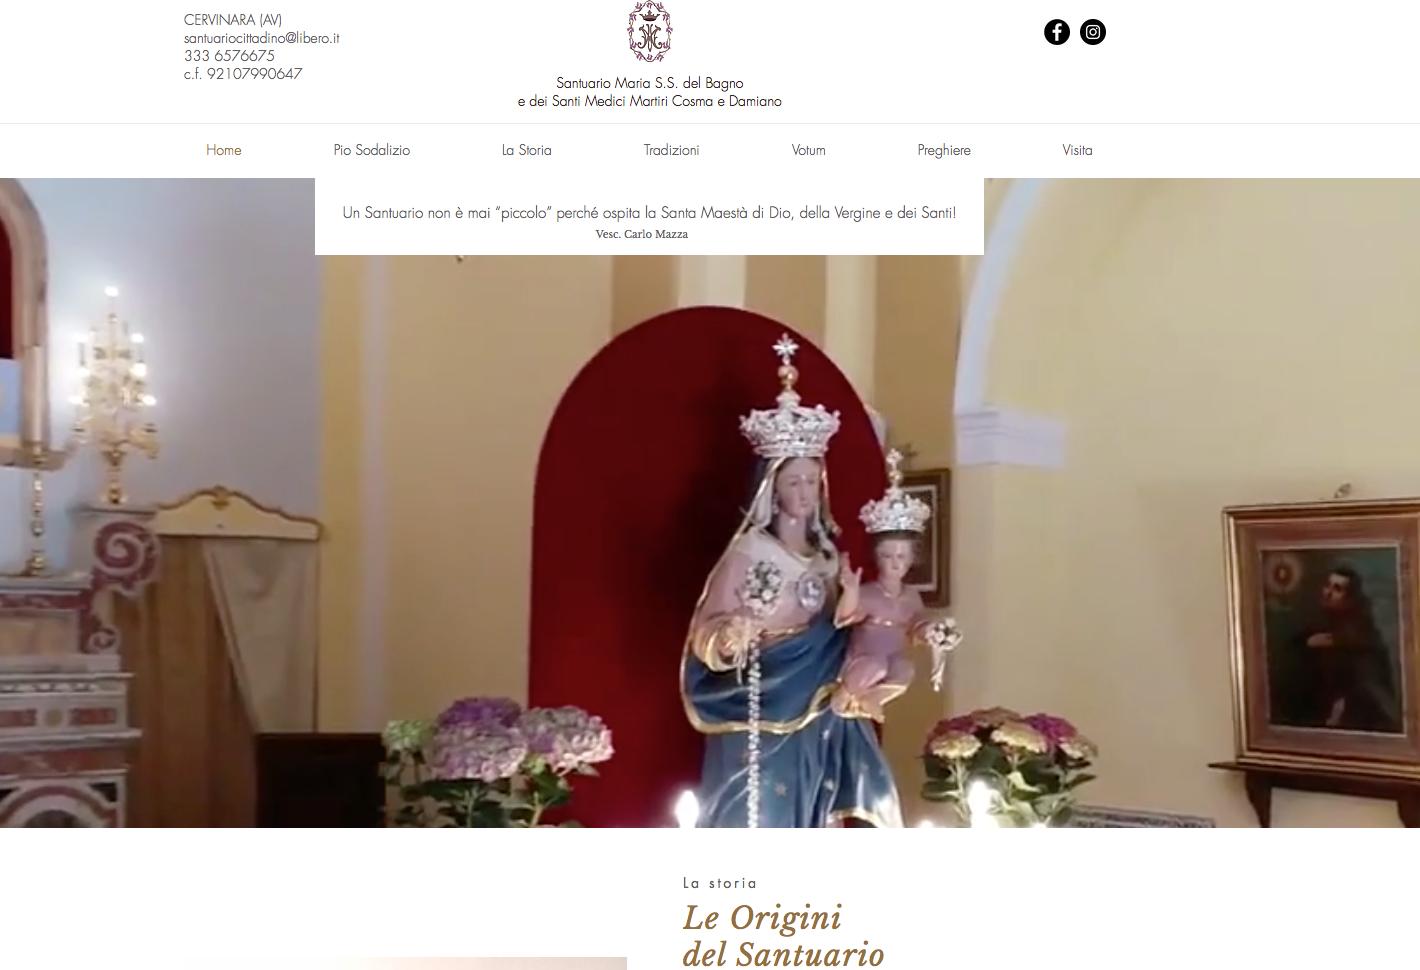 Cervinara. Il Santuario di San Cosma ha il suo sito internet